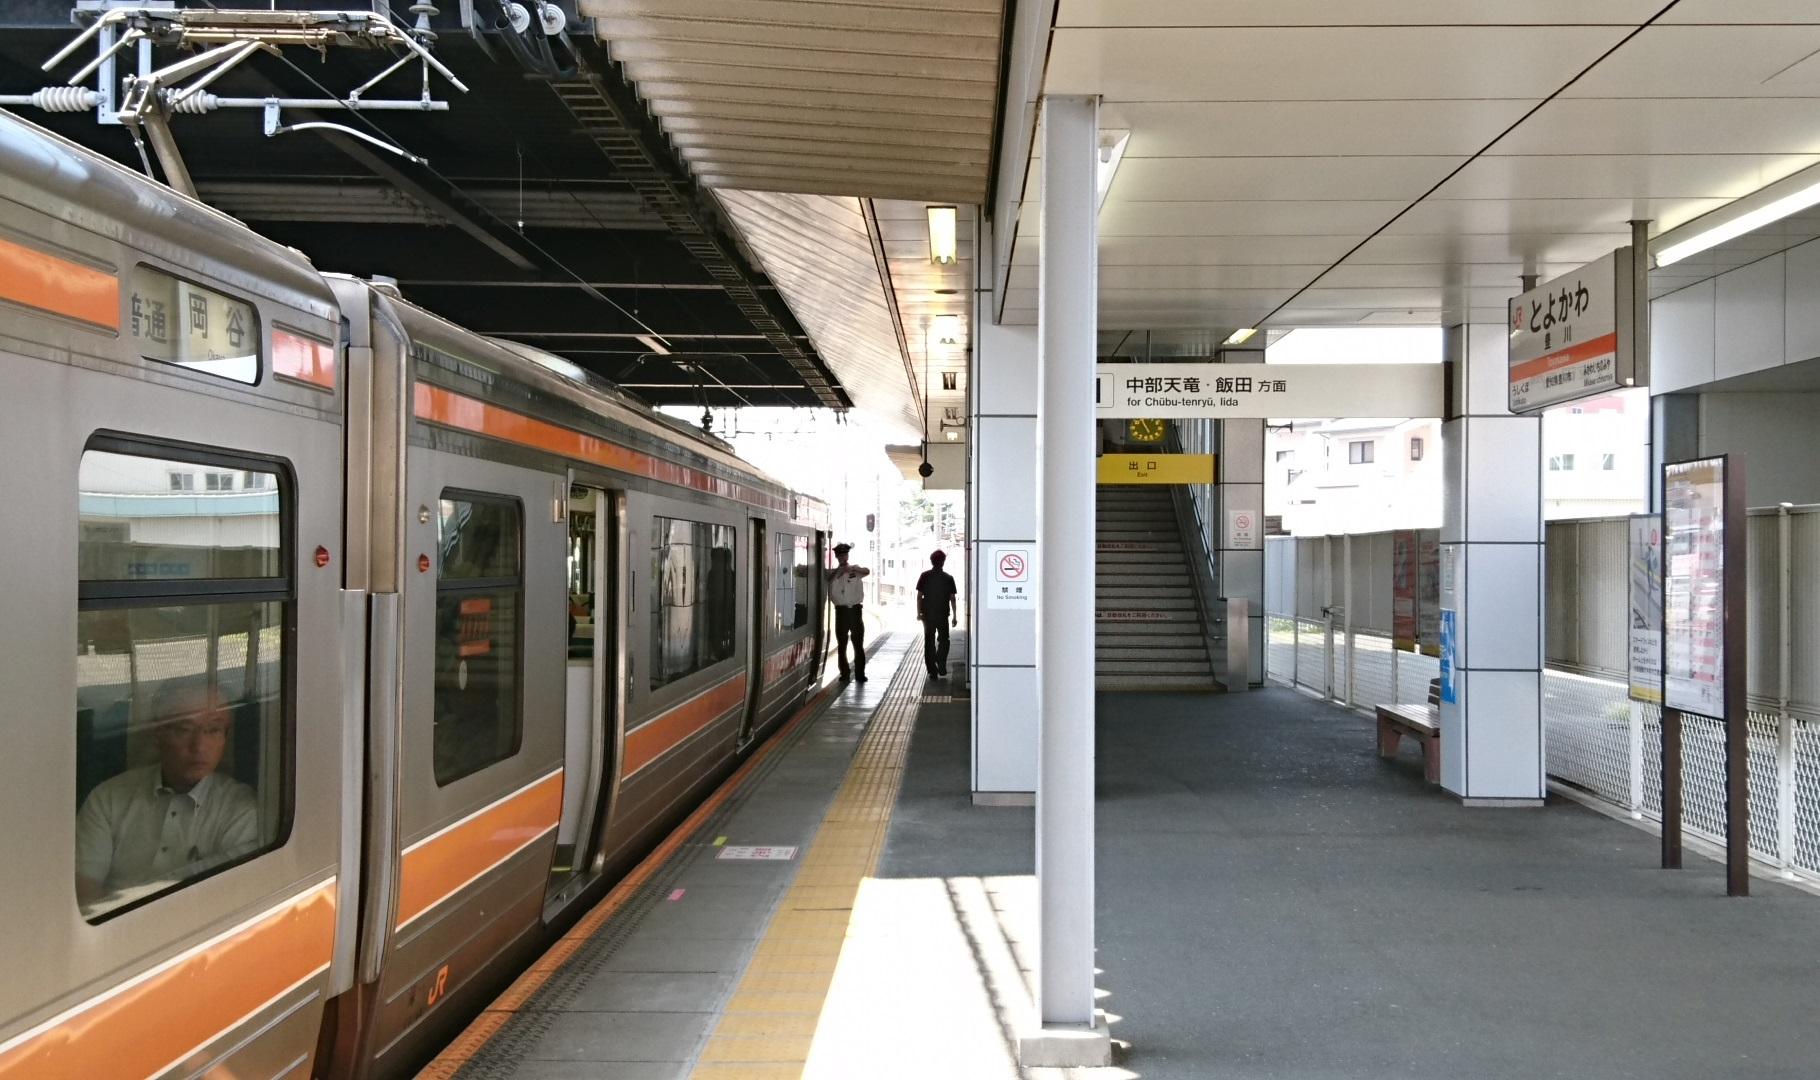 2017.8.30 豊川 (11) 豊川 - 岡谷いきふつう 1820-1080